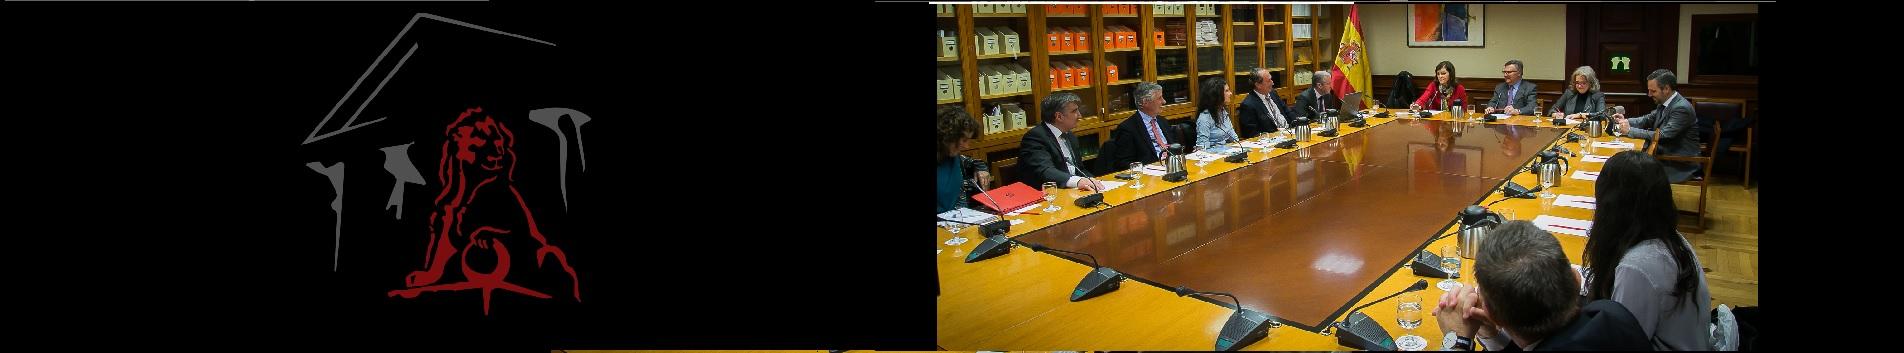 ASOBIOCOM se reunió con la Comisión de Economía, Industria y Competitividad en el Congreso